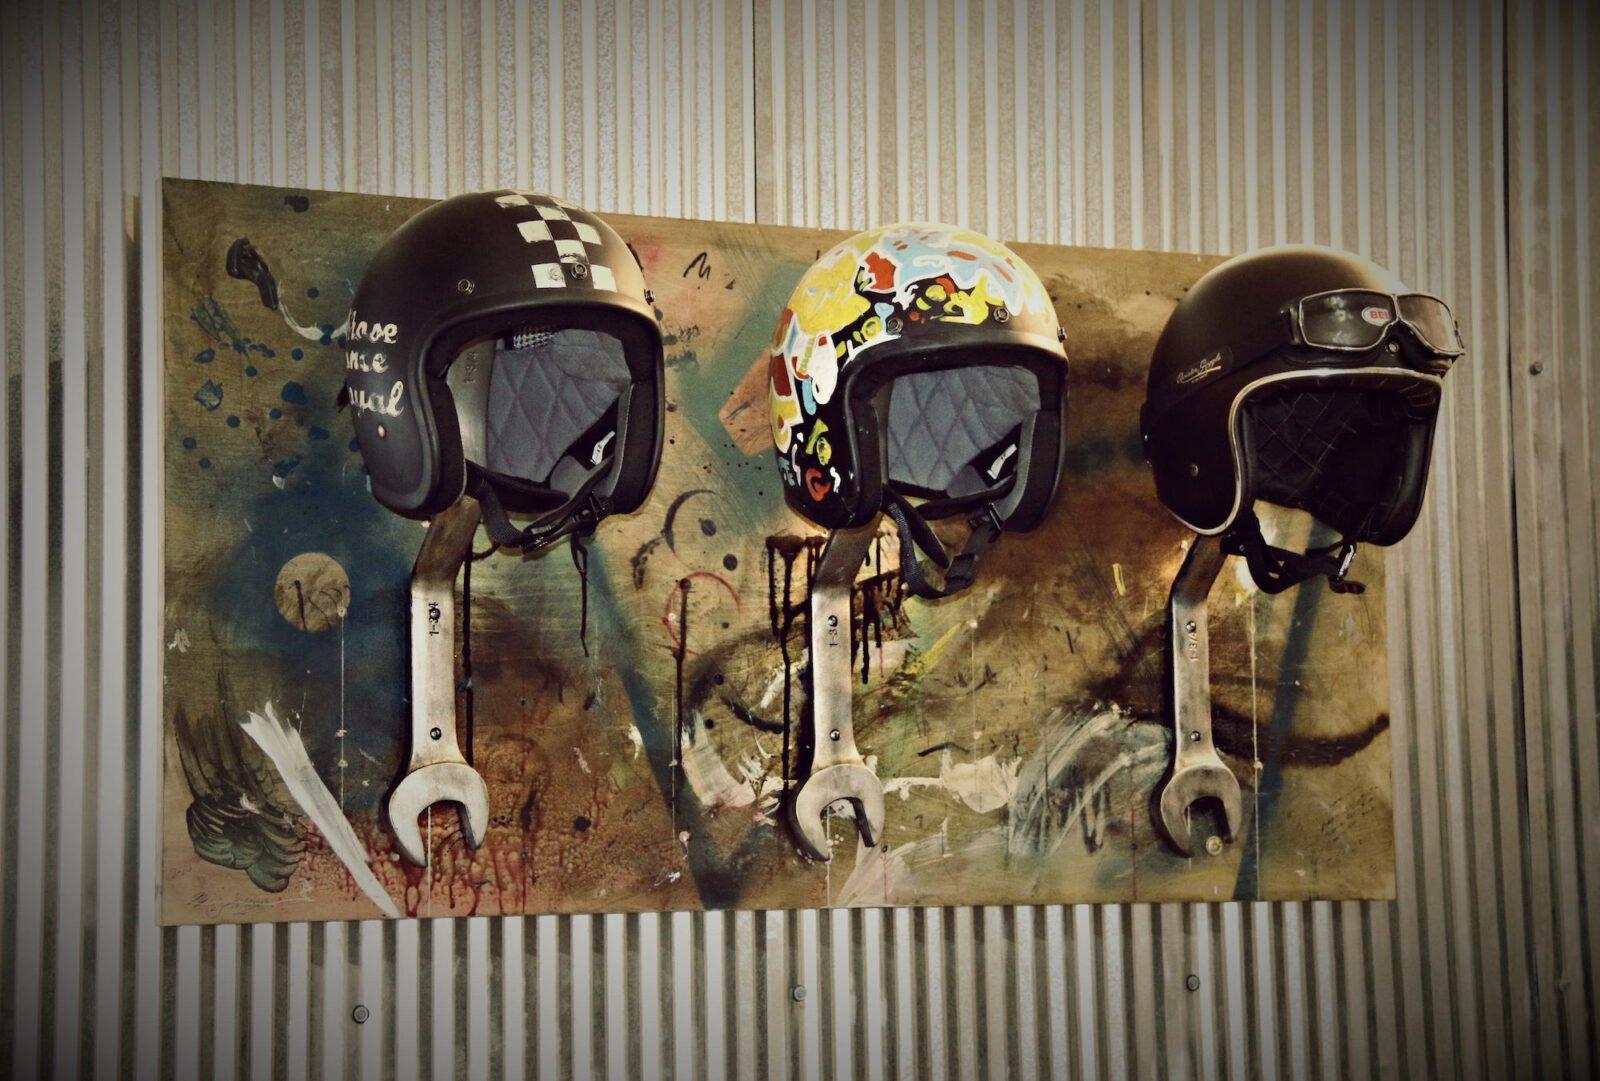 Wrench Motorcycle Helmet Rack 1 1600x1081 - Wrench Motorcycle Helmet Rack